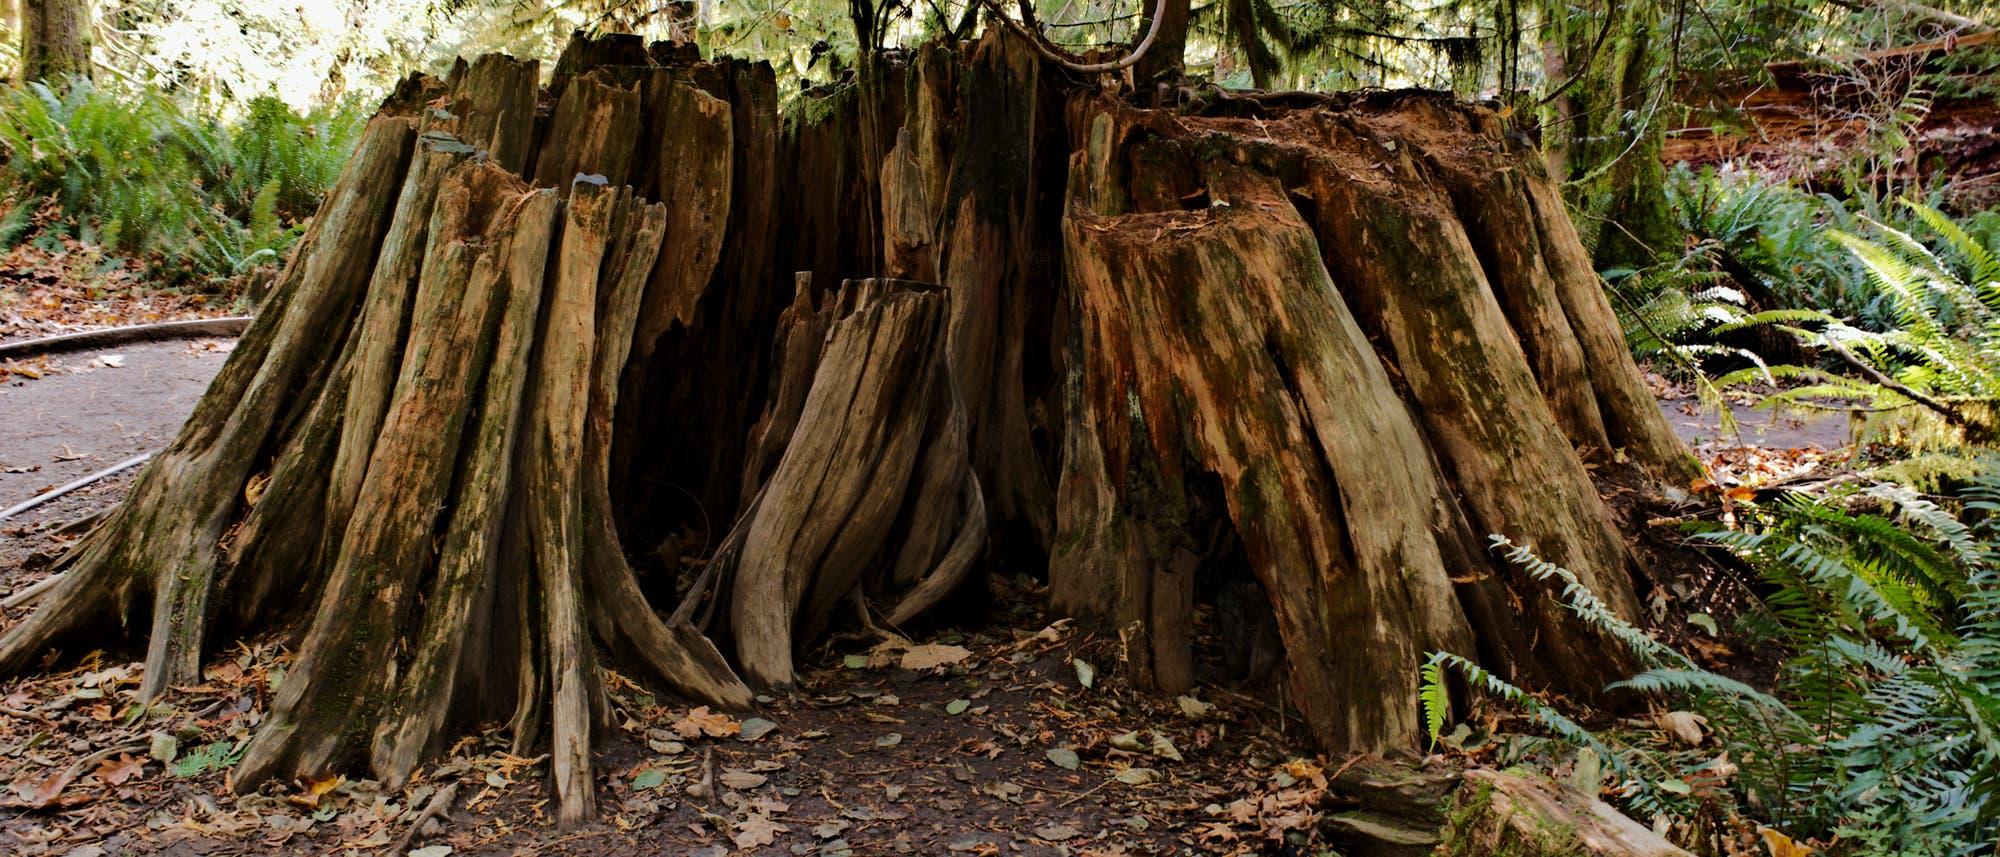 Ein Baumstumpf im Wald